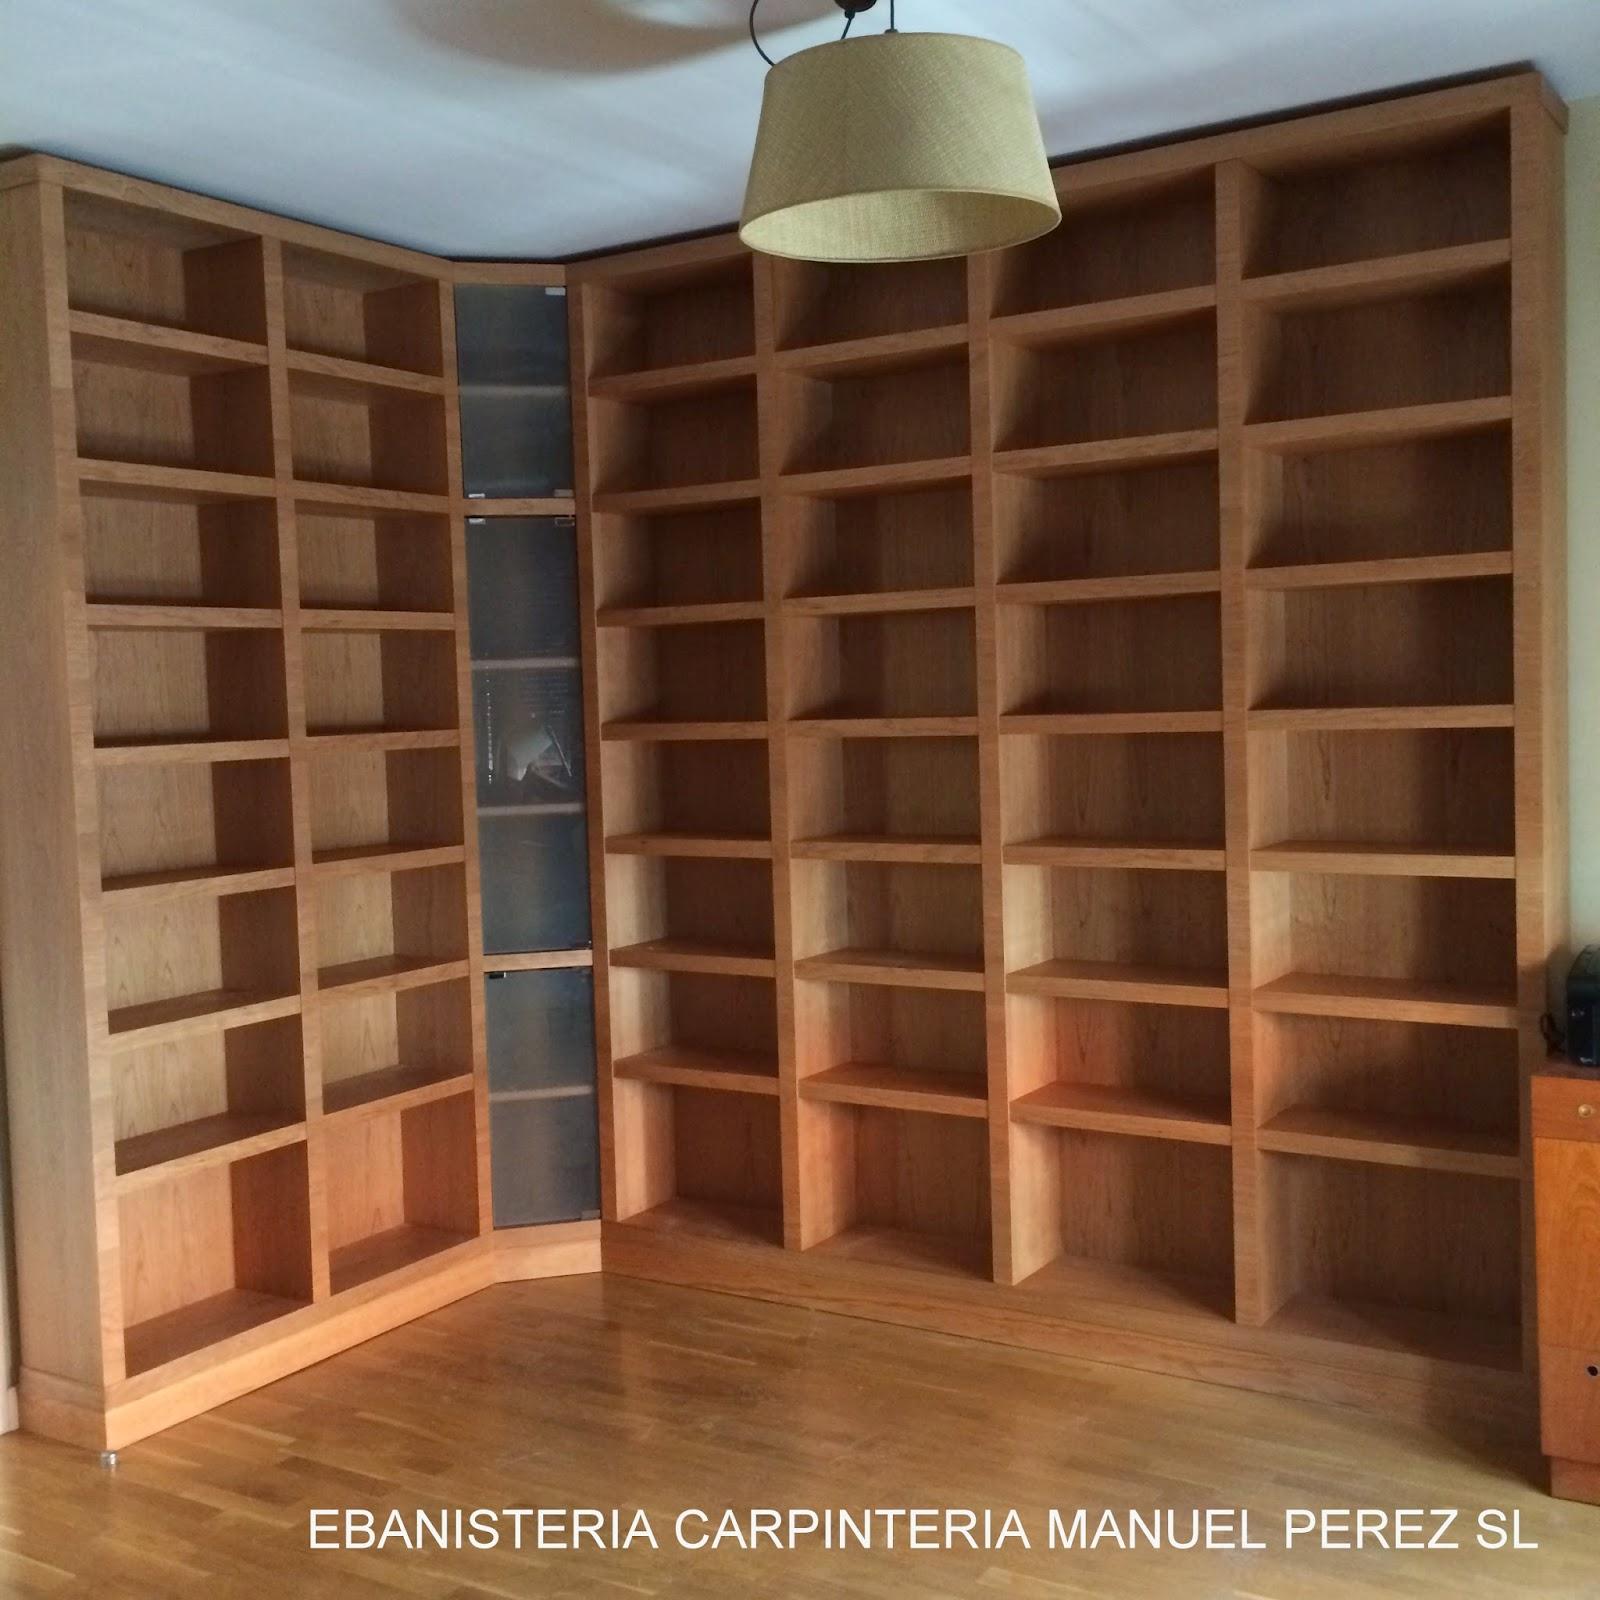 Carpinteria manuel perez zaragoza libreria a medida - Estanterias a medida ...